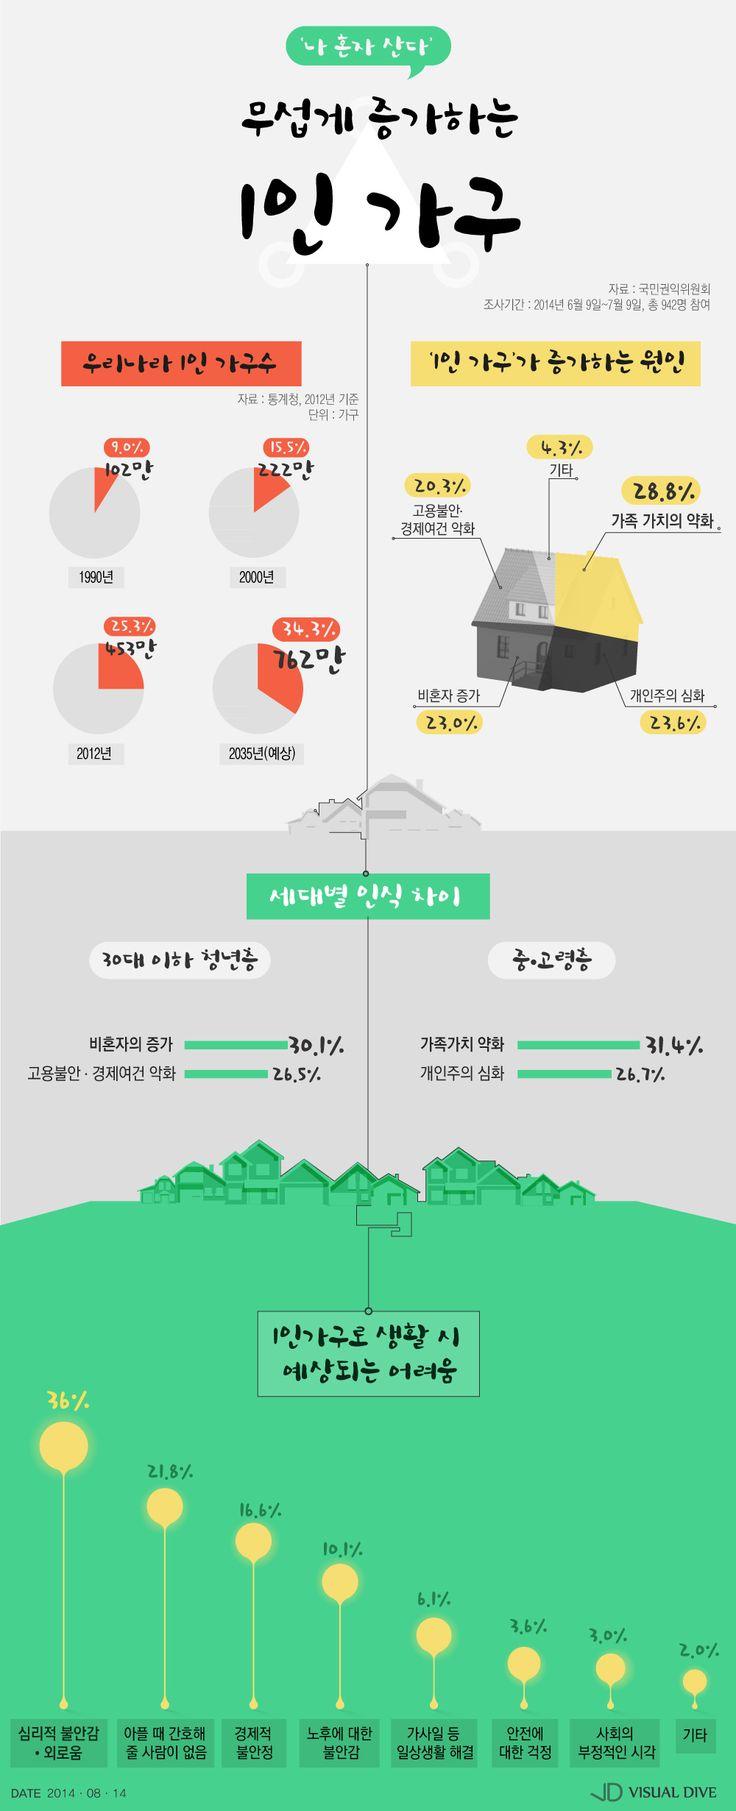 '나 혼자 산다' 무섭게 느는 1인 가구…씁쓸한 원인들 [인포그래픽] #Alone / #Infographic ⓒ 비주얼다이브 무단 복사·전재·재배포 금지